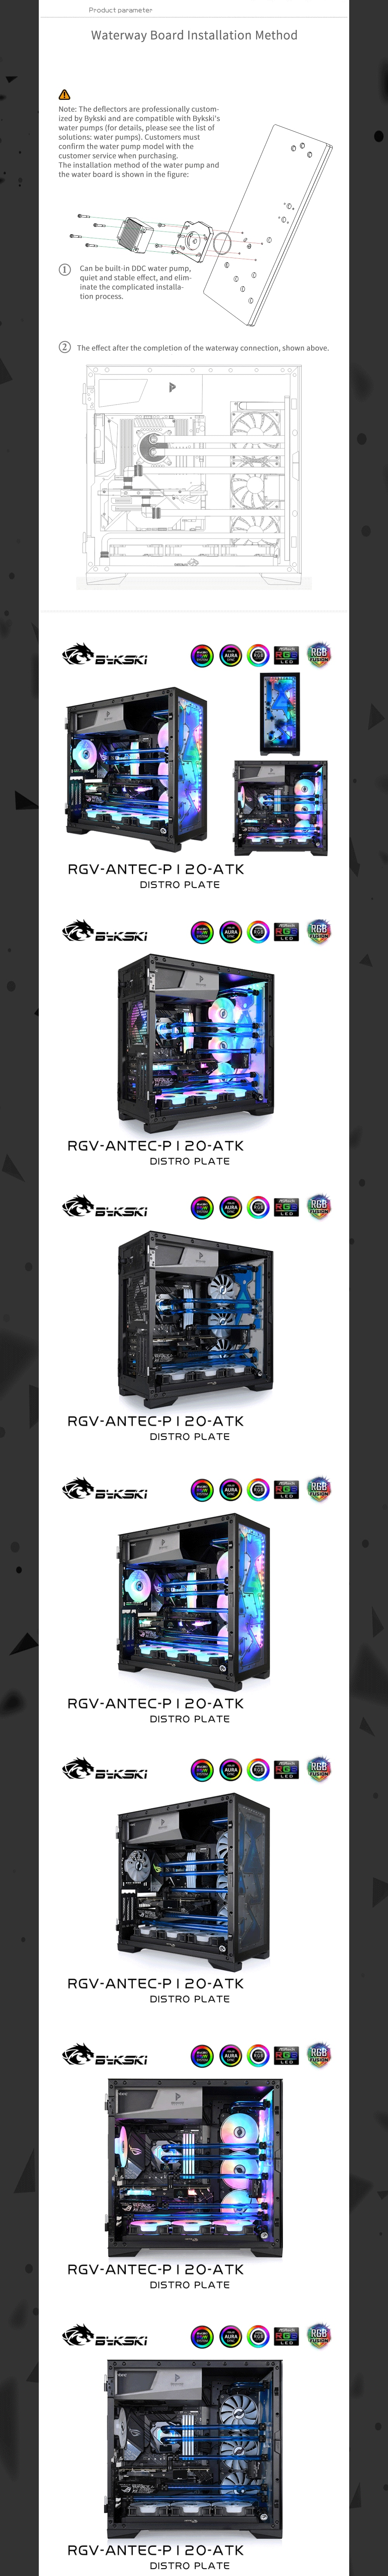 Bykski Distro Plate For Antec P120 Case, Waterway Boards For Intel CPU Water Block & Single GPU Building, RGV-ANTEC-P120-ATK